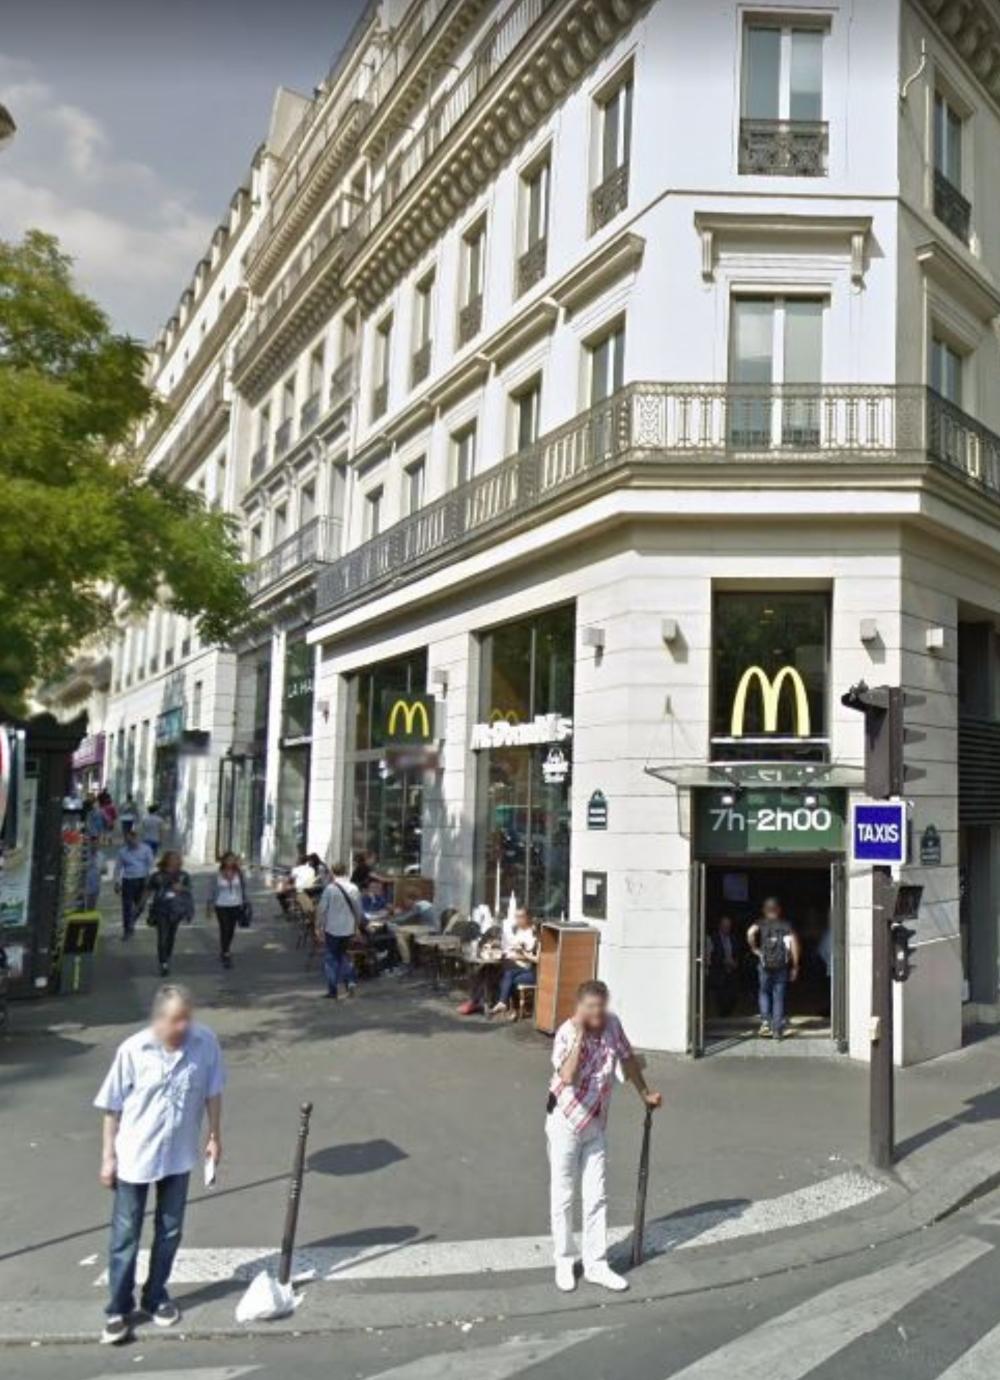 2020, ibidem.xyz ,Le glorieux Blériot XI,2, boulevard Poissonnière,Paris,France